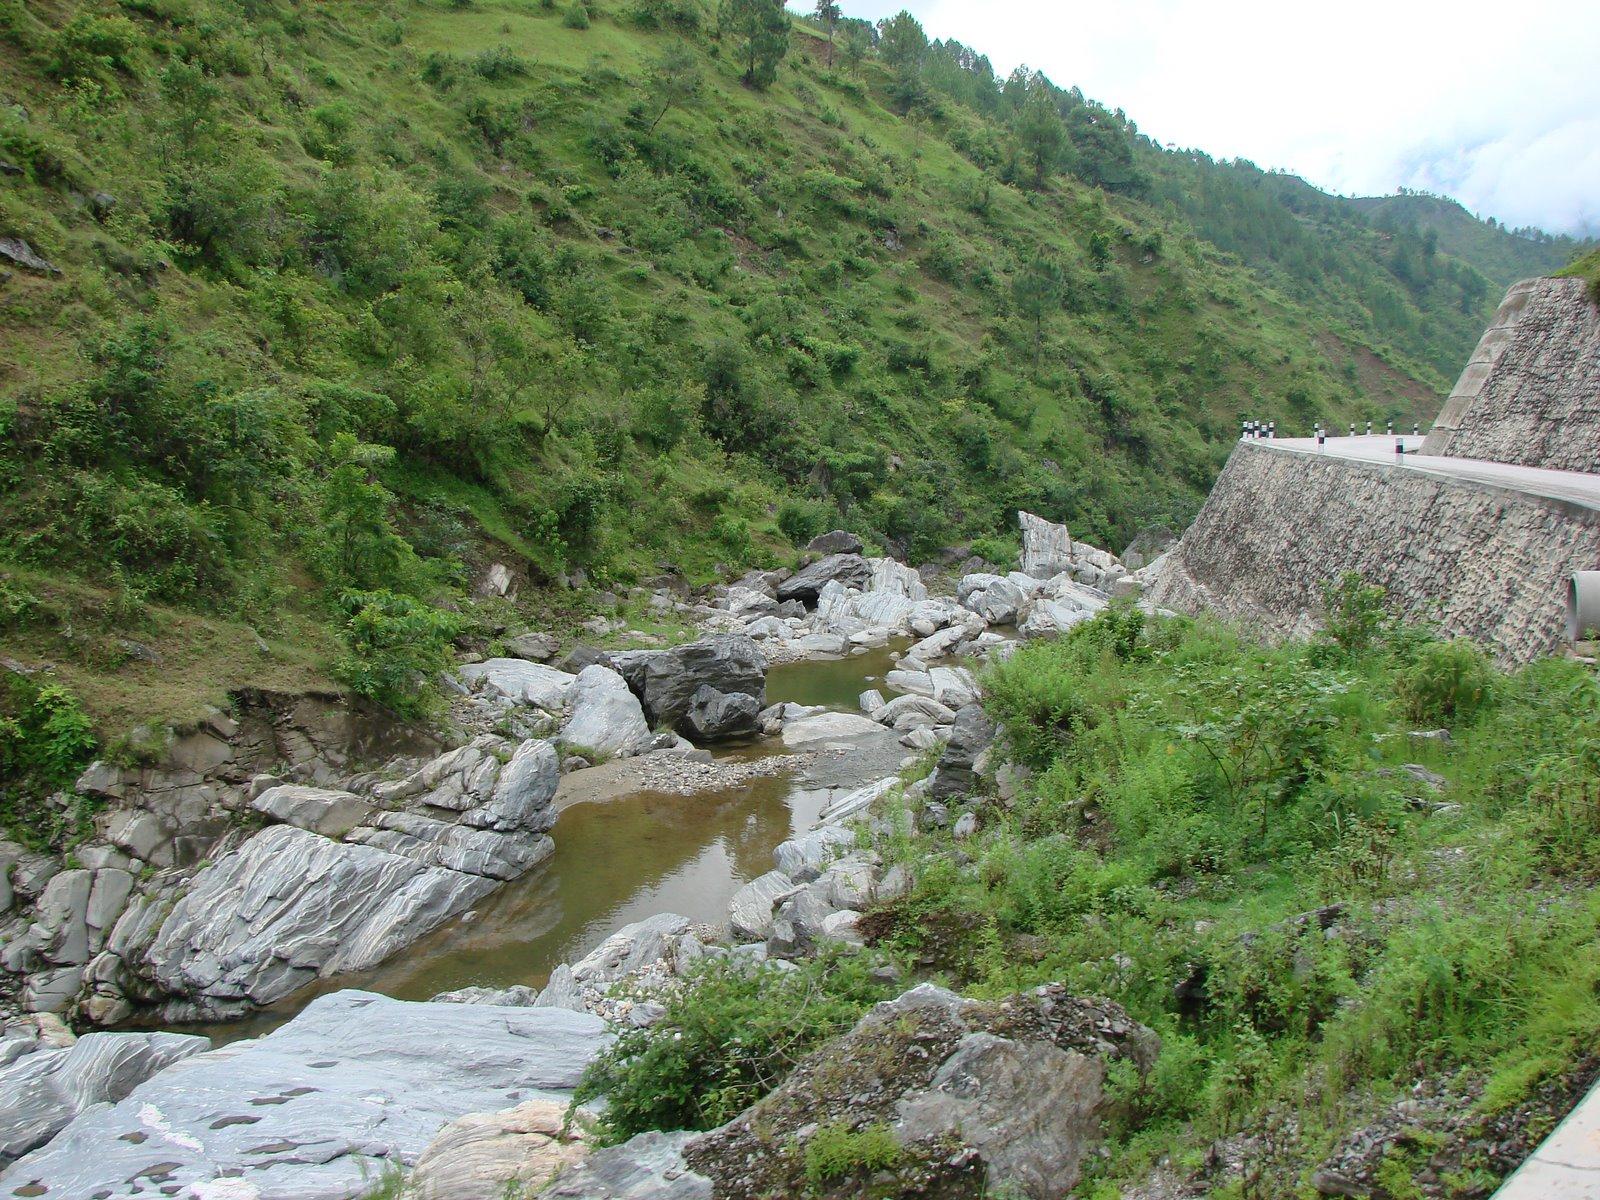 [Nepalthok+to+Dumjha+to+Nepalthok,+Sunday,+Aug+12,+2007+053.jpg]